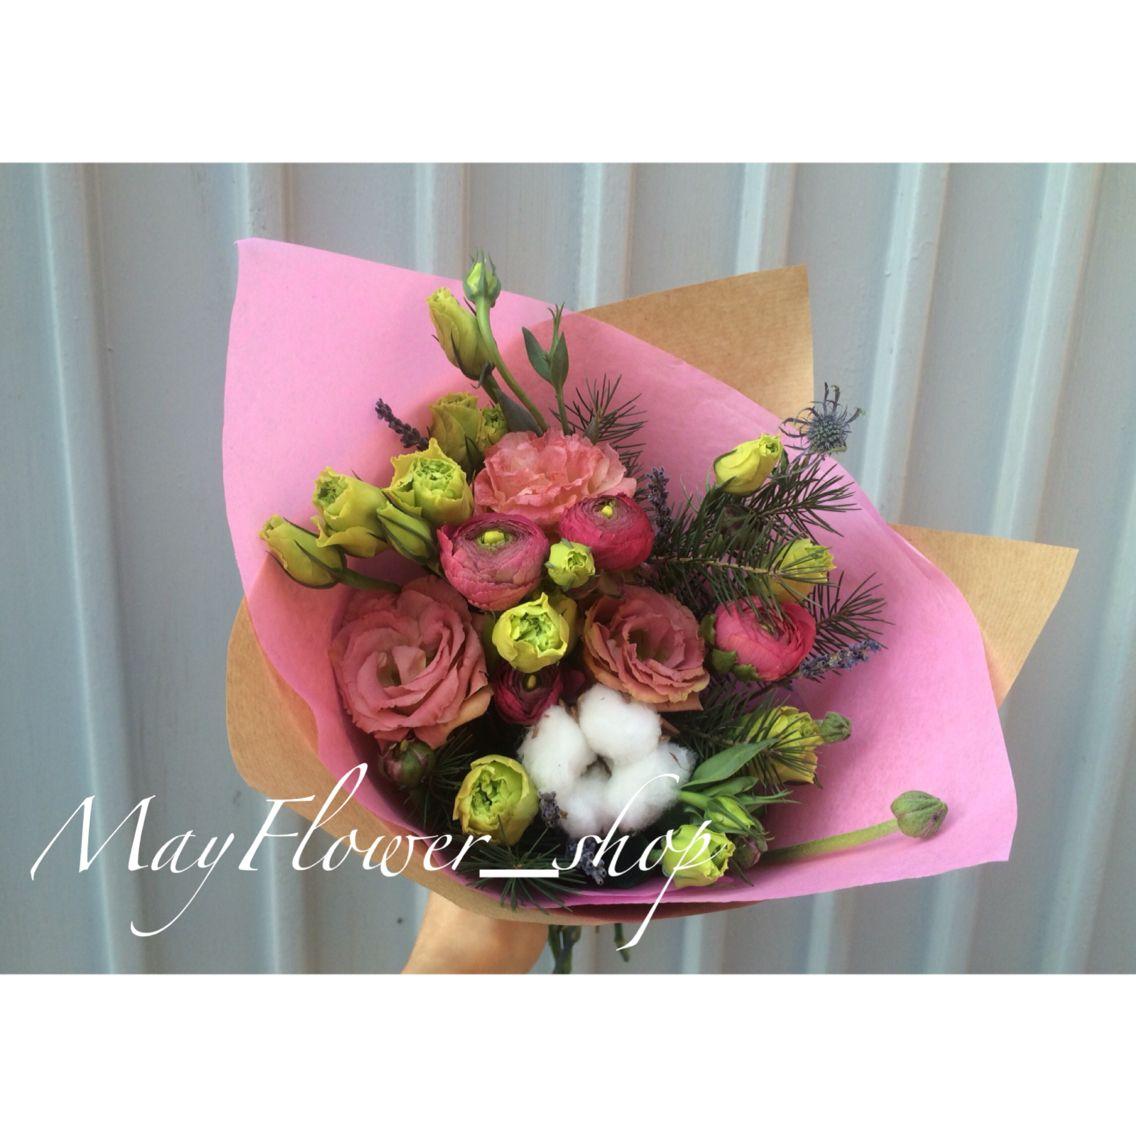 Заказ городе свадебные букеты заказ город алматы цветов дом екатеринбурге